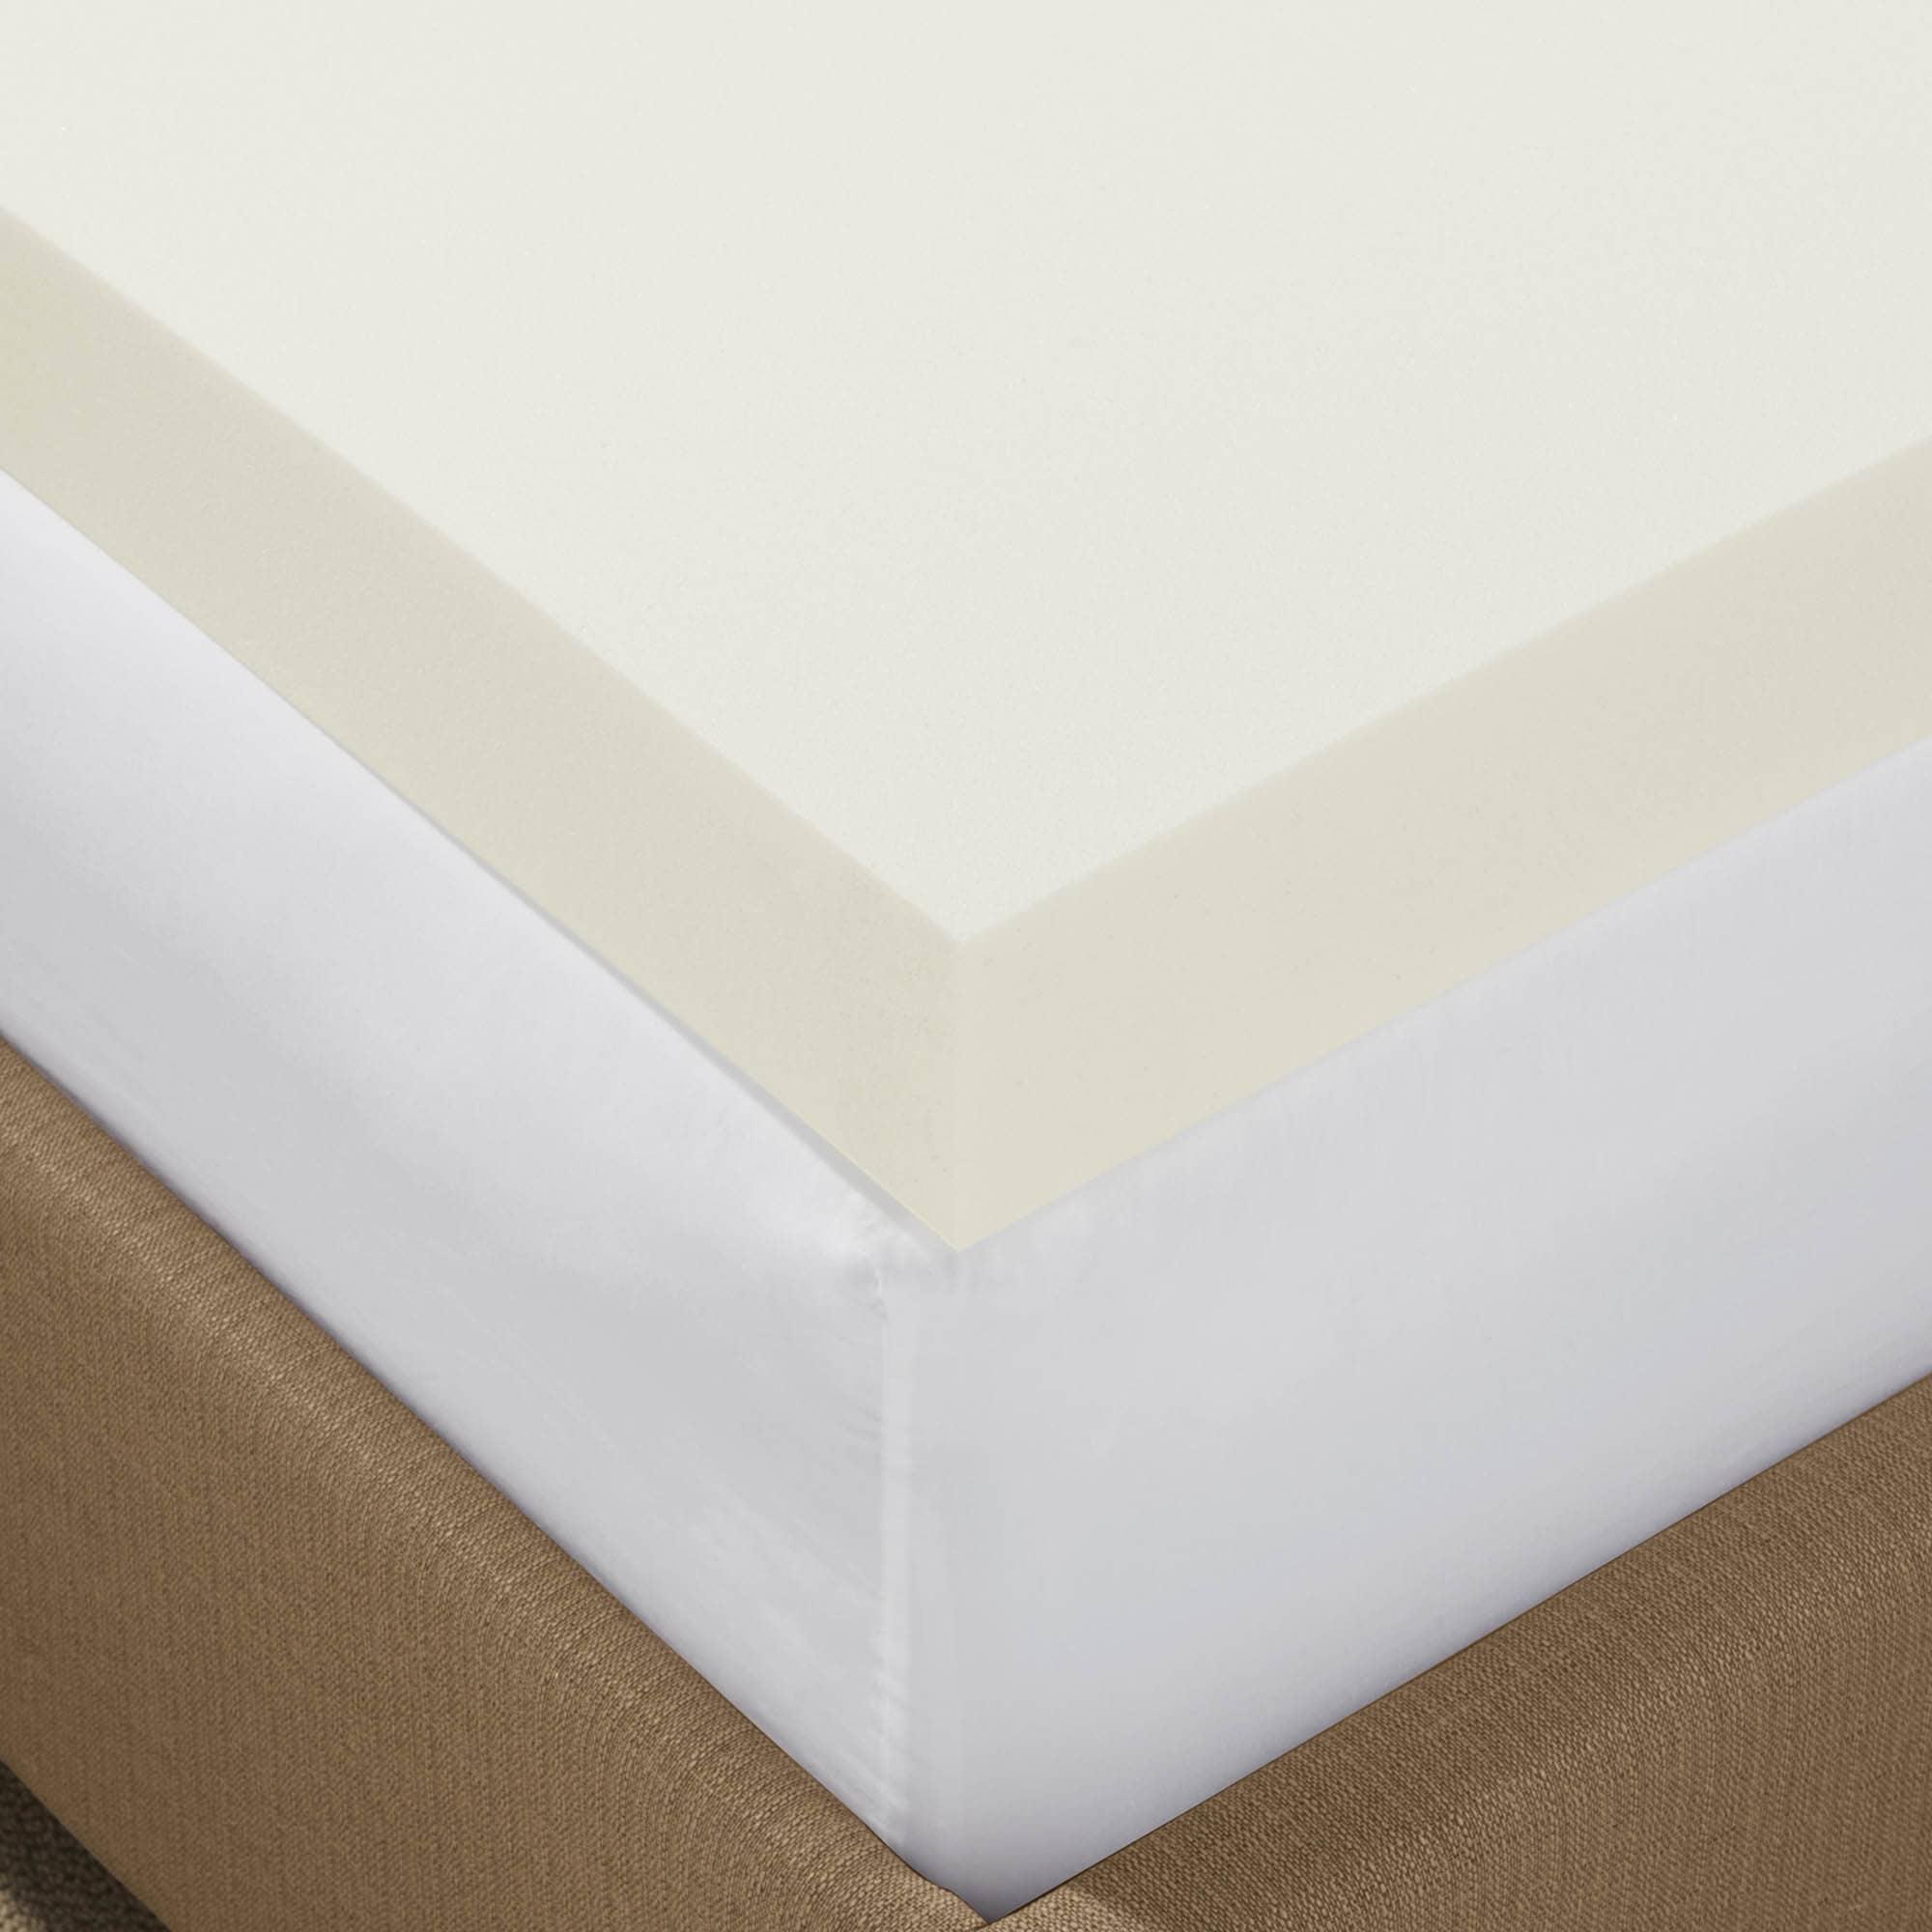 Serta Ultimate 4-inch Visco Memory Foam Mattress Topper (...